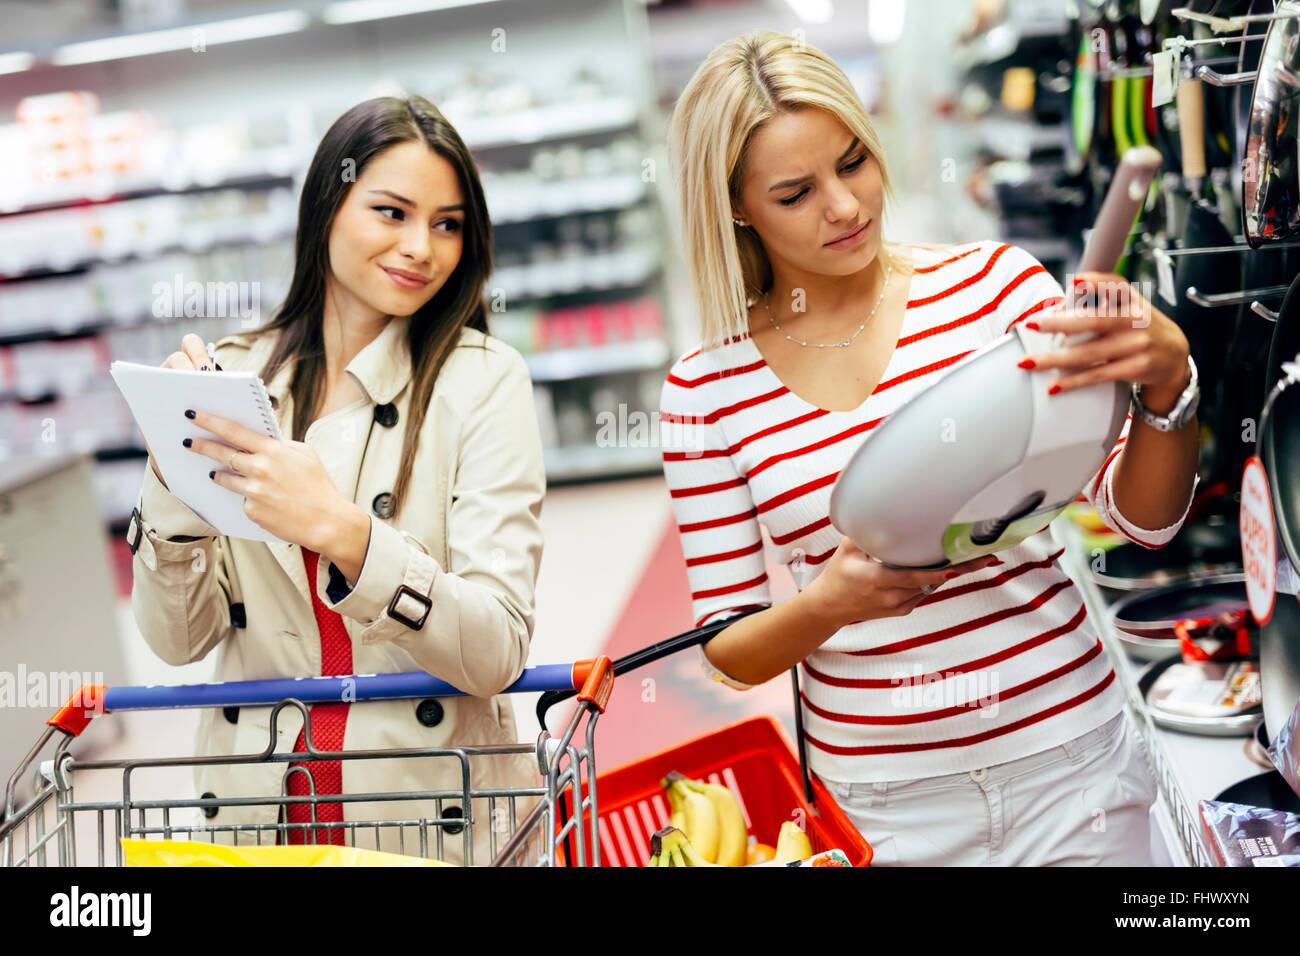 Frauen Kochgeschirr im Supermarkt einkaufen Stockbild